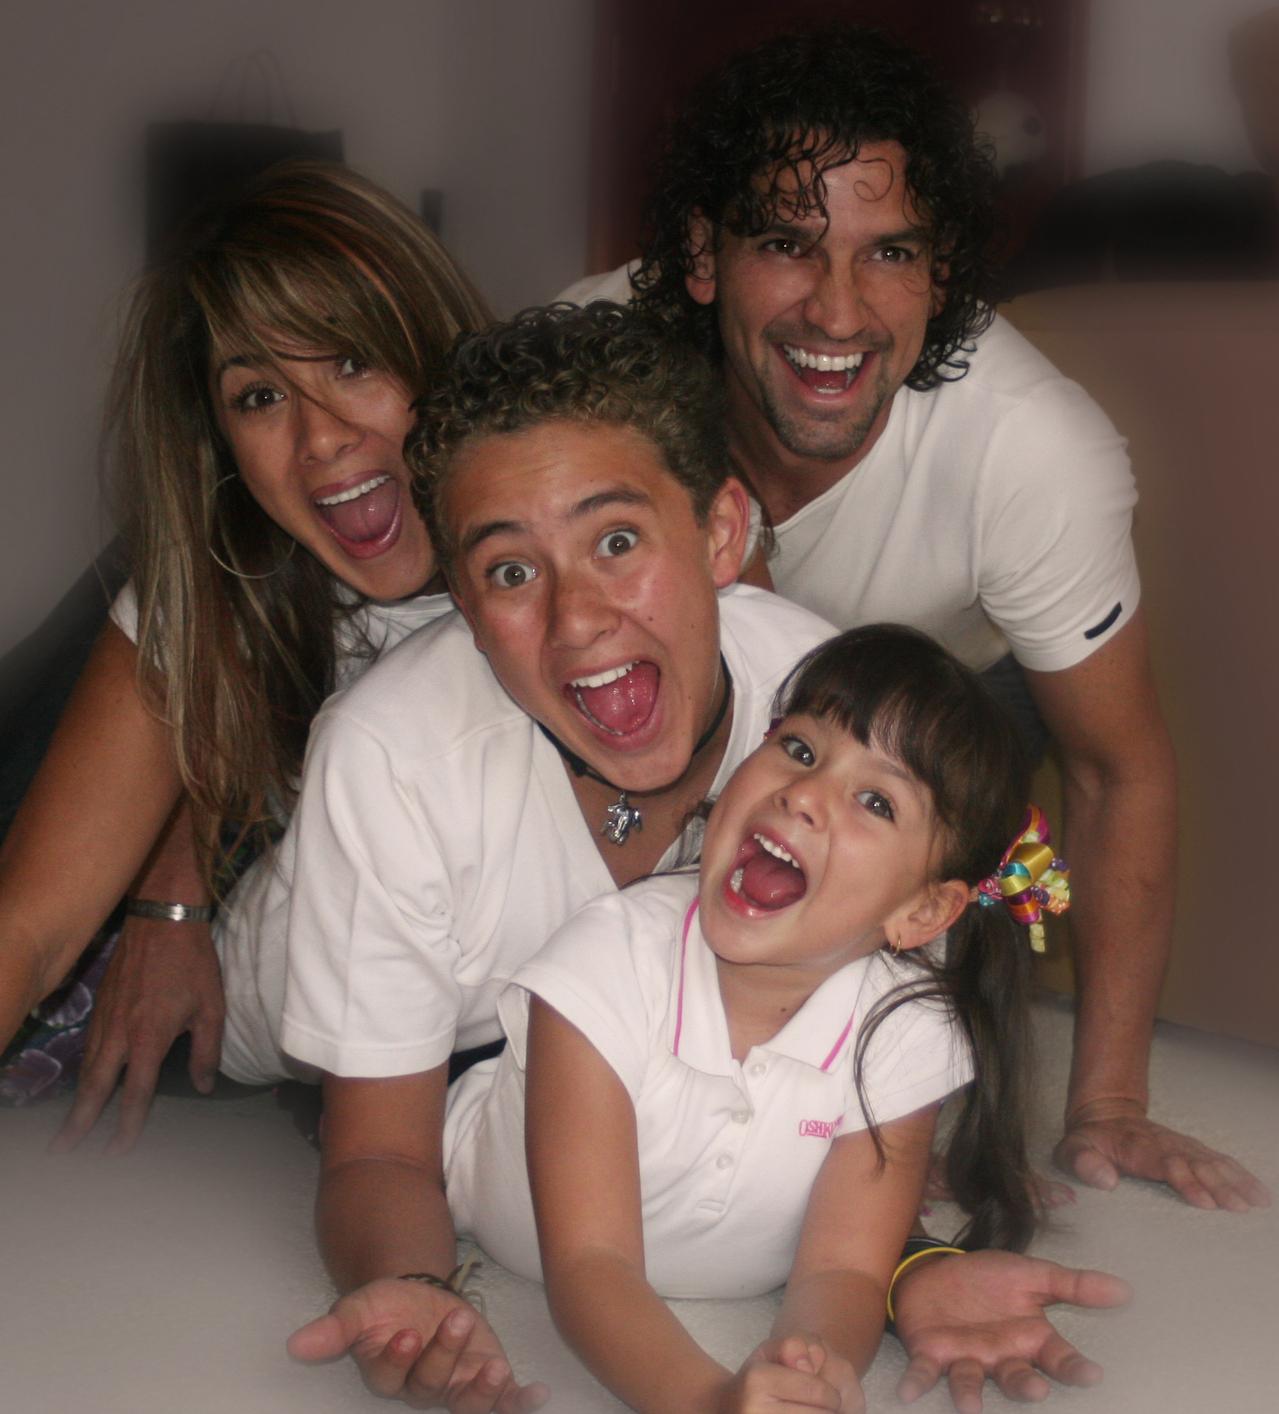 happy-family-4-1240061-1279x1414